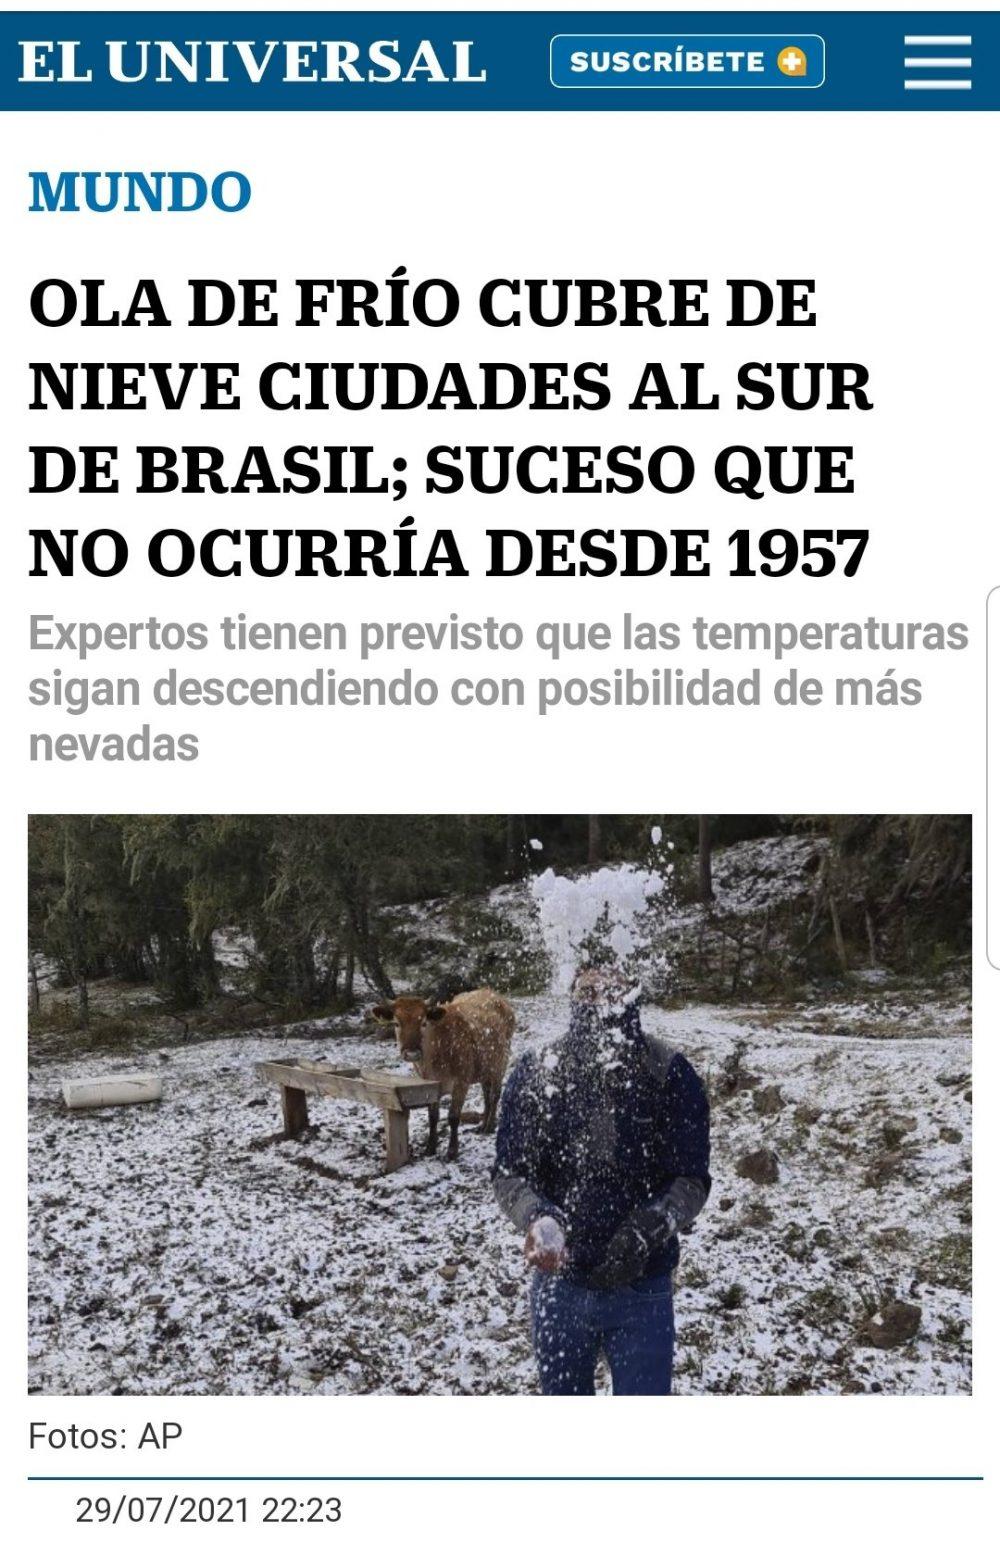 Que alguien le diga a la ministra que ahora mismo es invierno en Brasil...